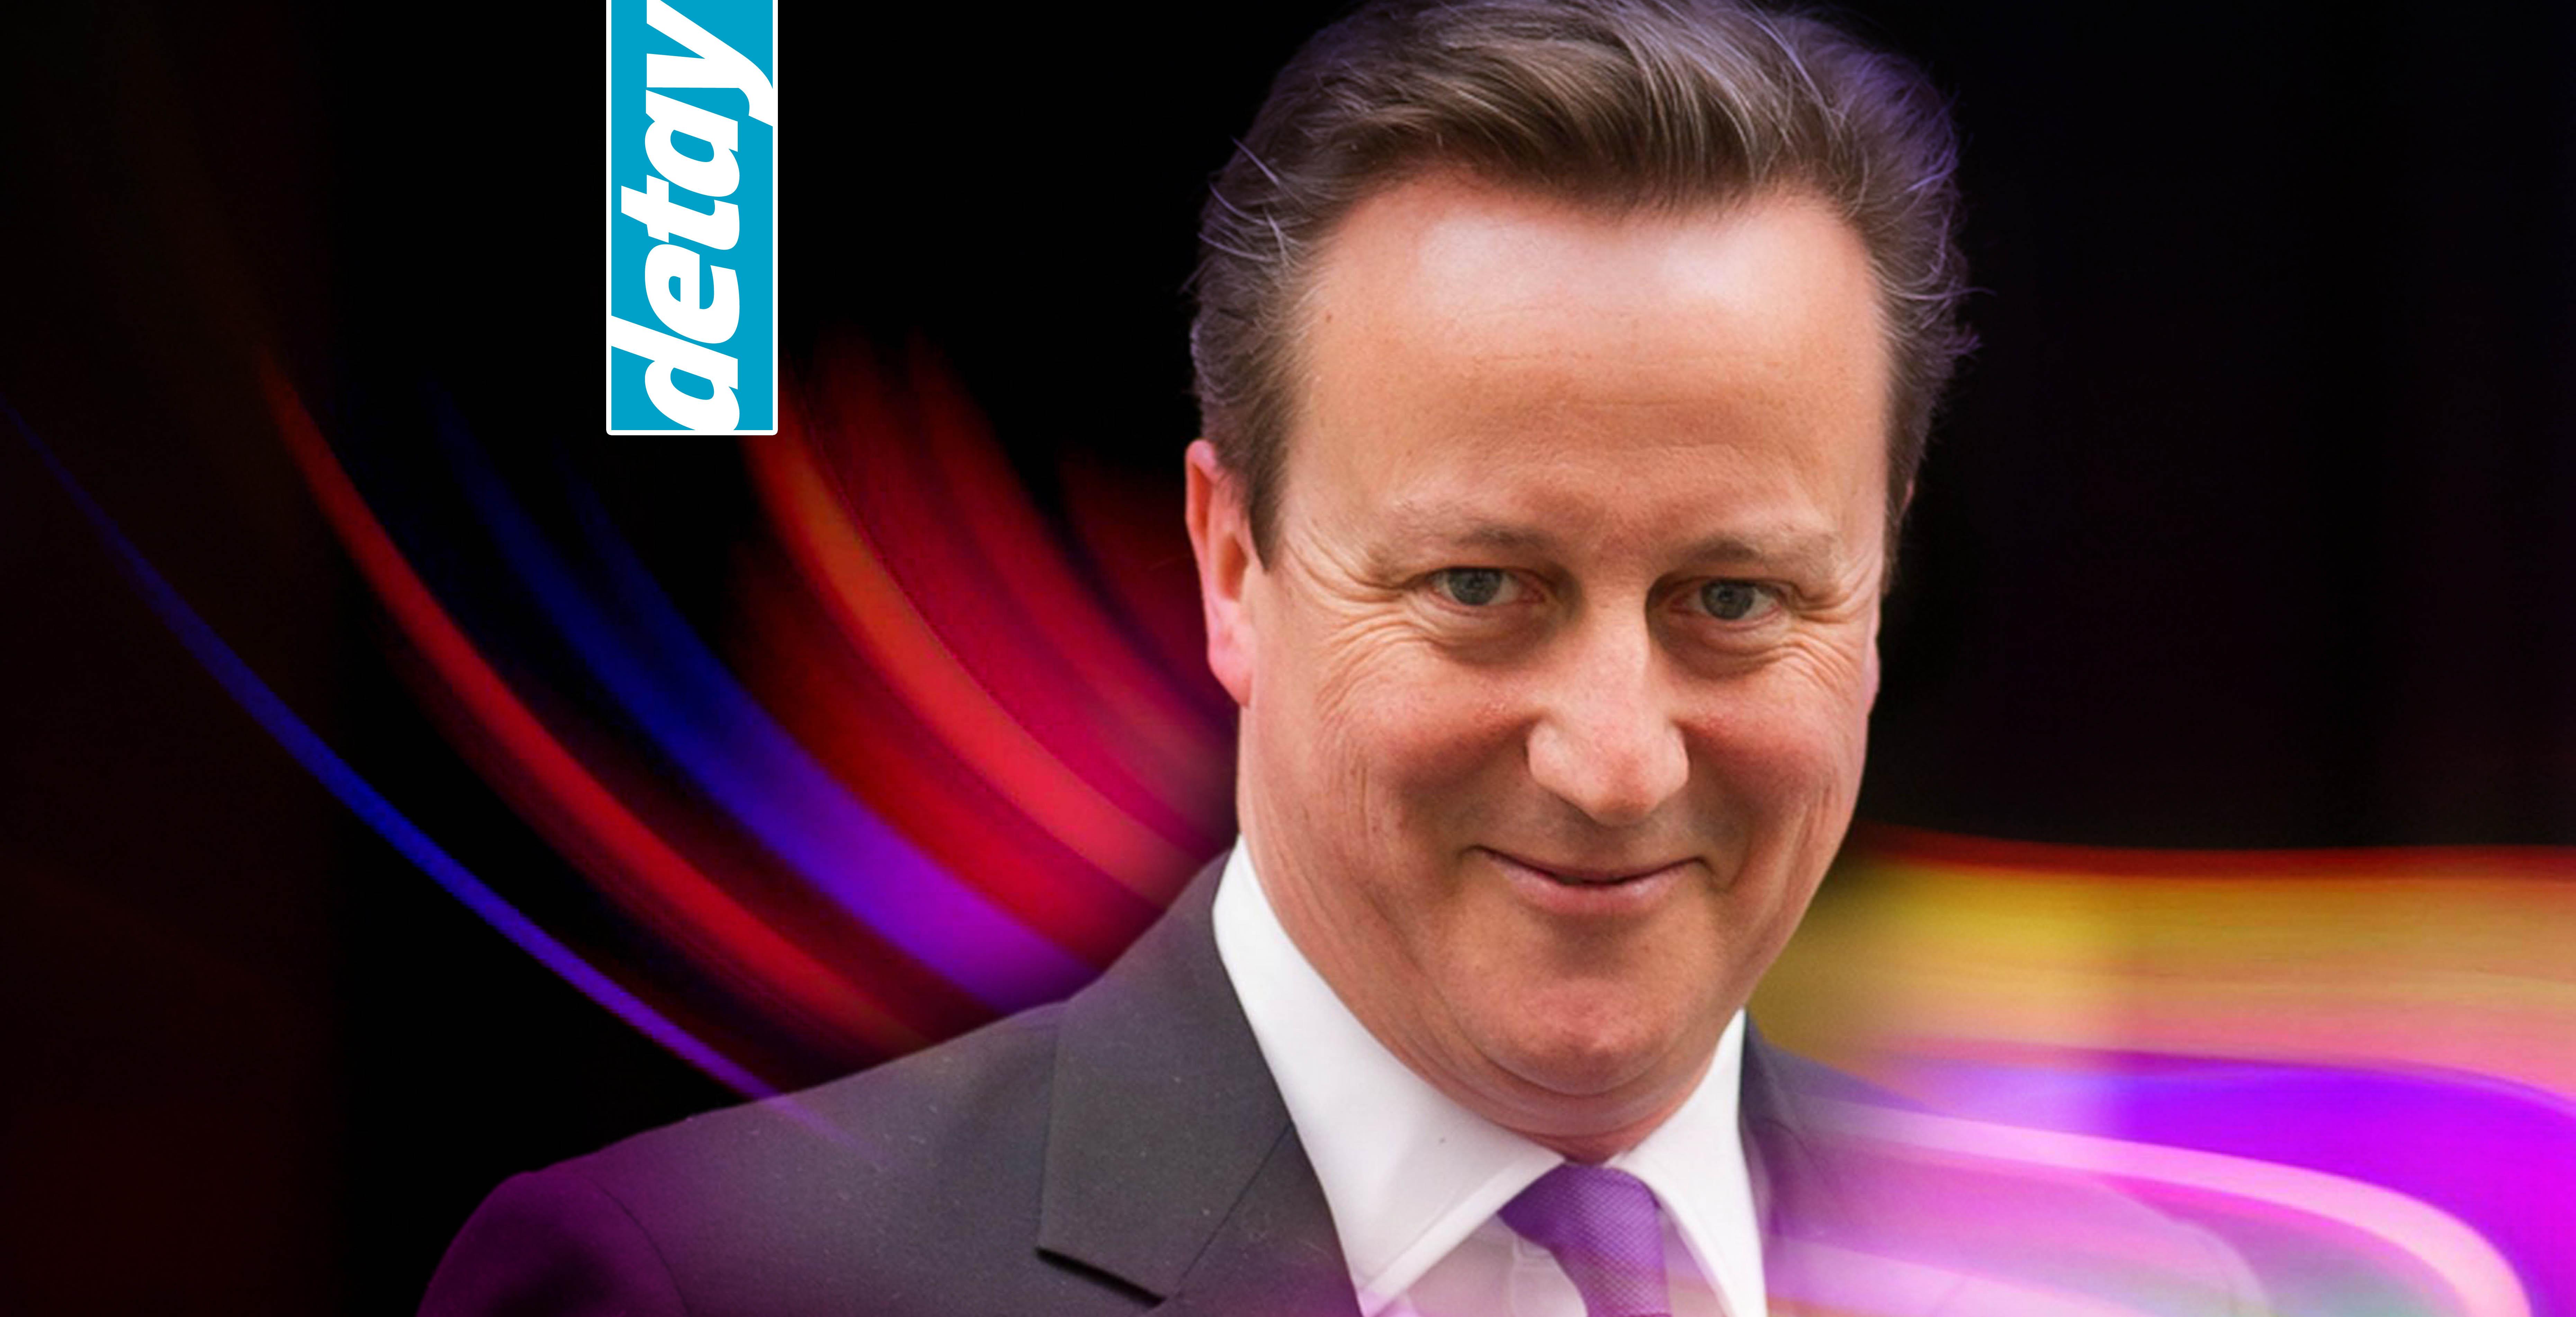 Cameron  Bulgaristan'a giden ilk İngiltere başkanı oldu